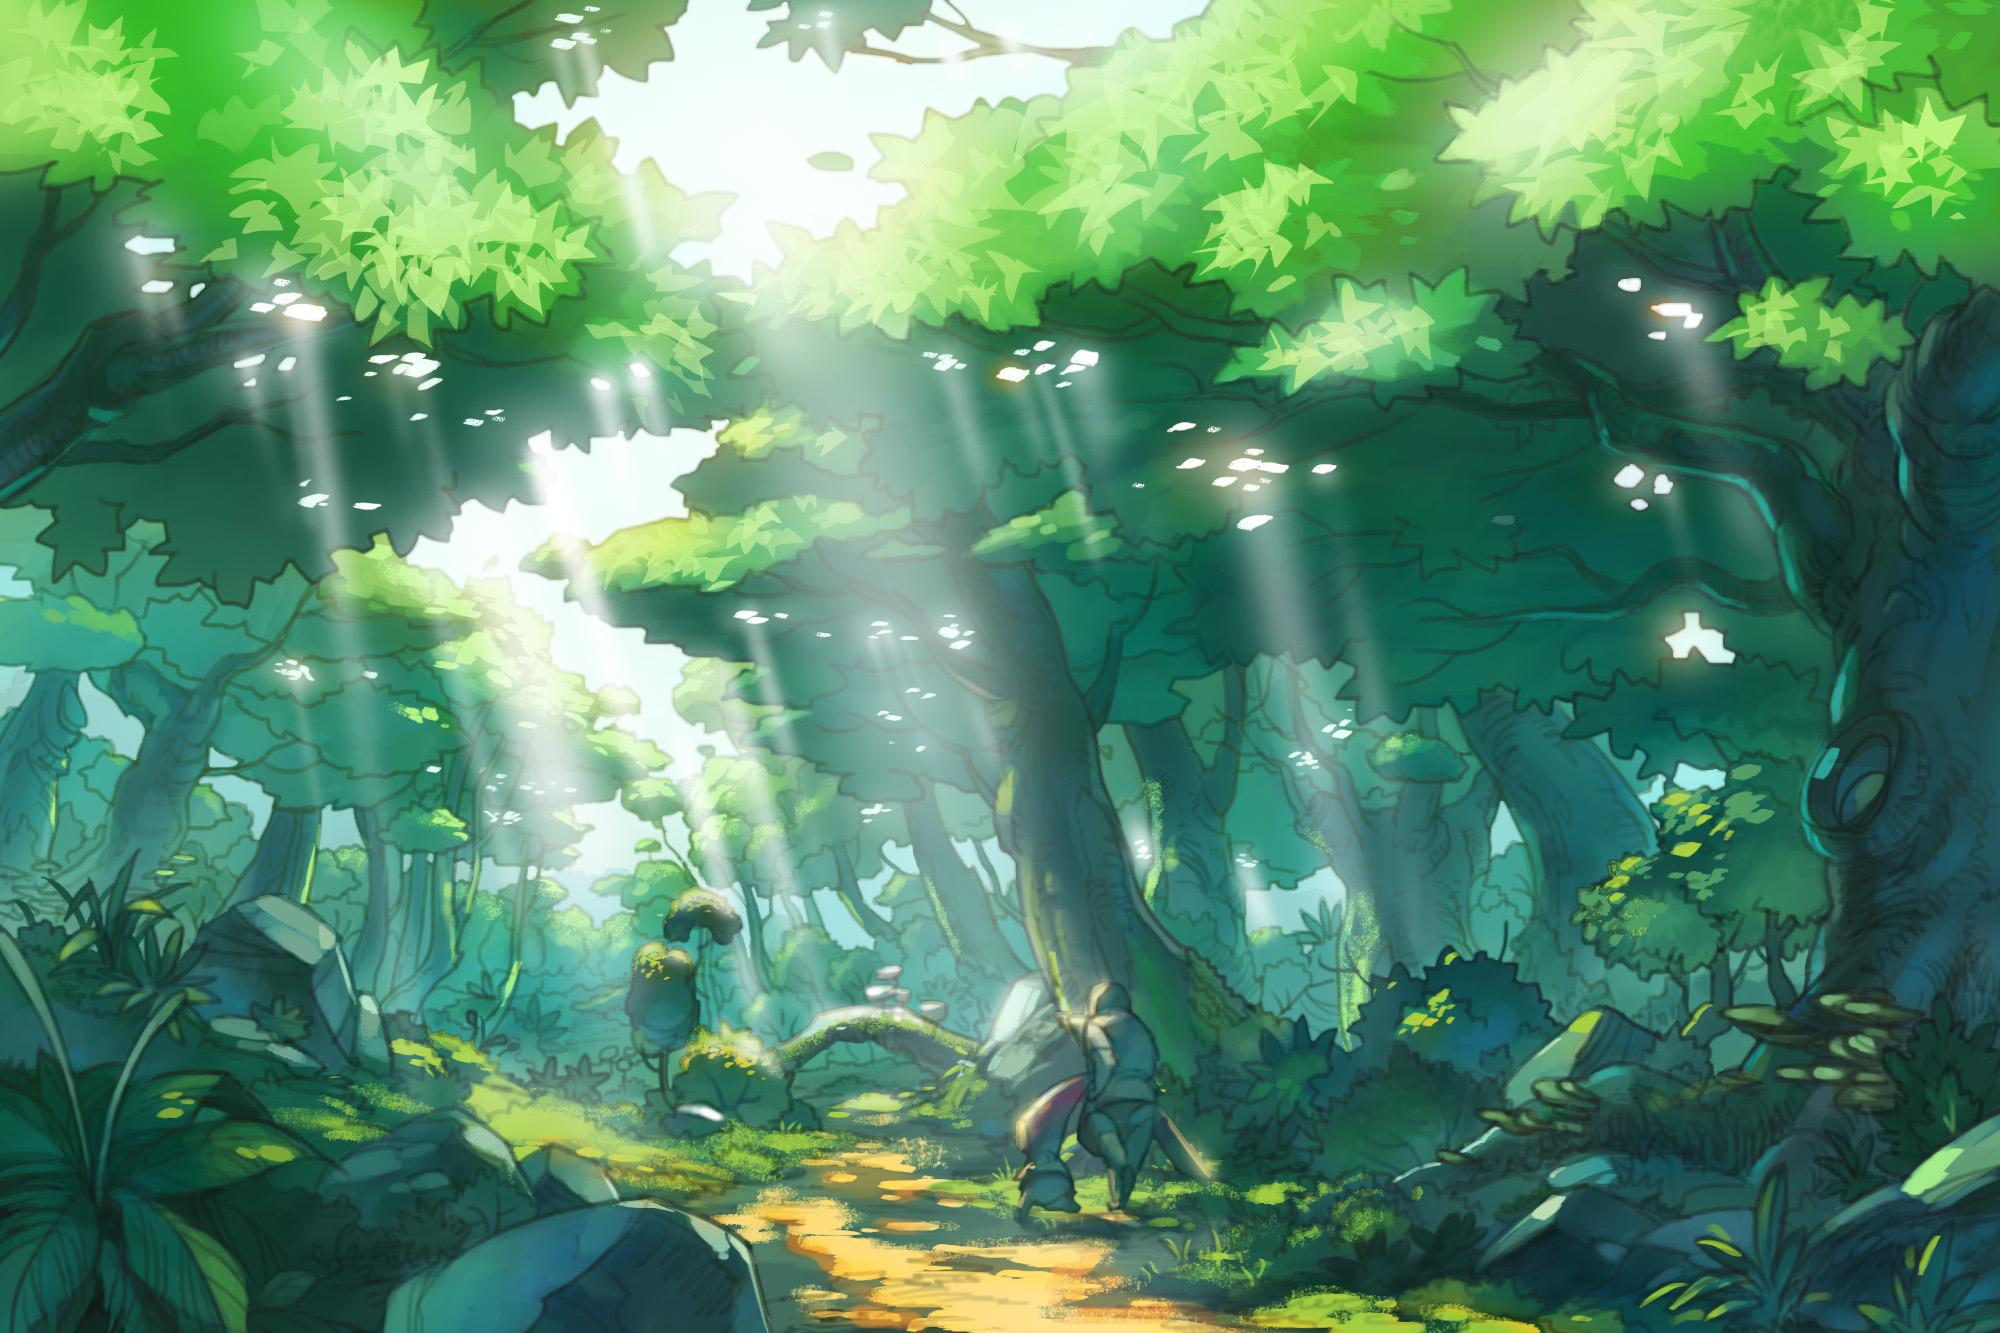 森 イラスト 背景 | 7331 イラス